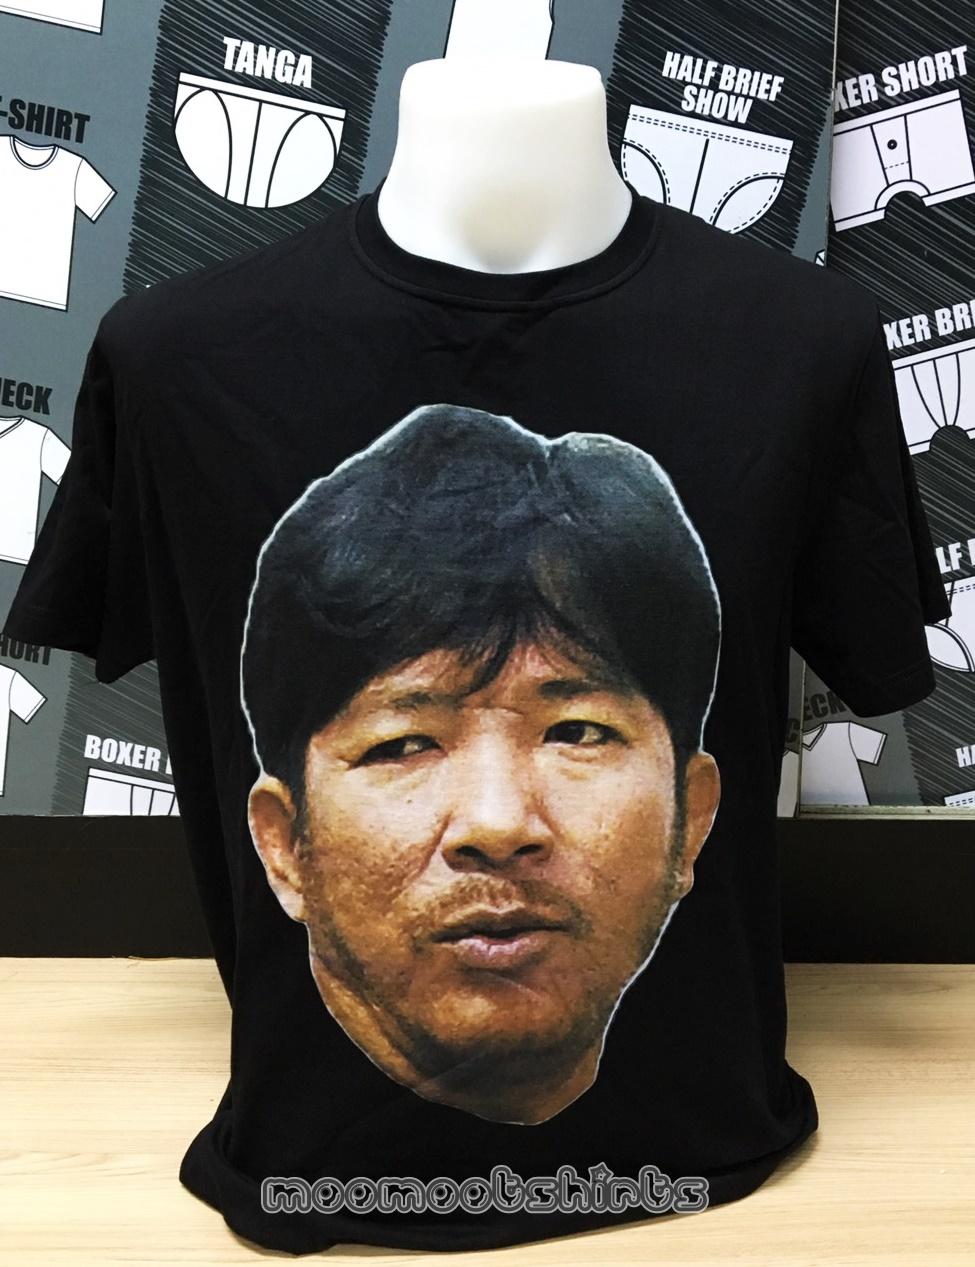 สกรีนลายรูปหัวคนลงบนเสื้อยืดสีดำ ด้วยระบบ DTG